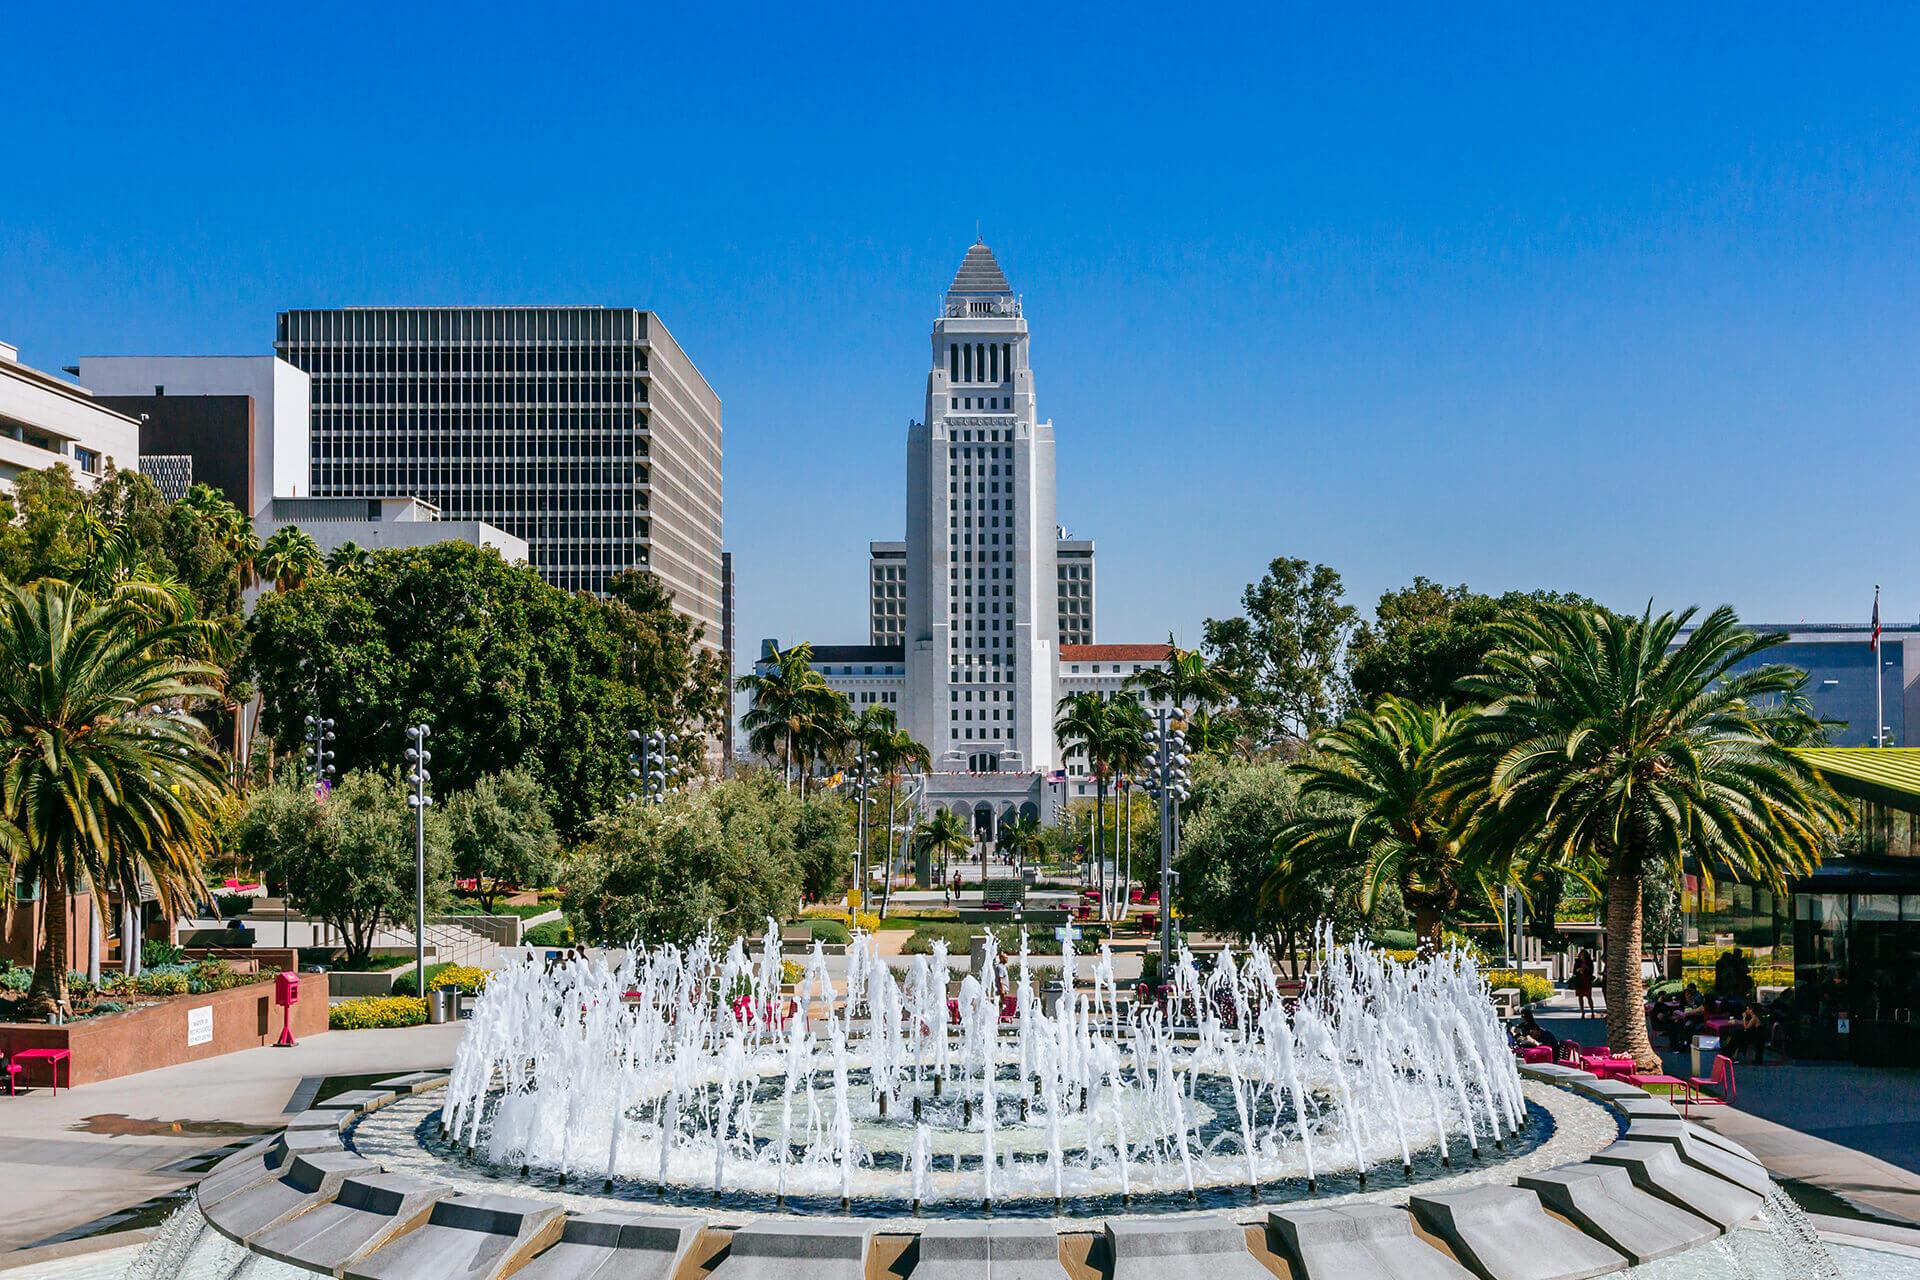 A park with a fountain